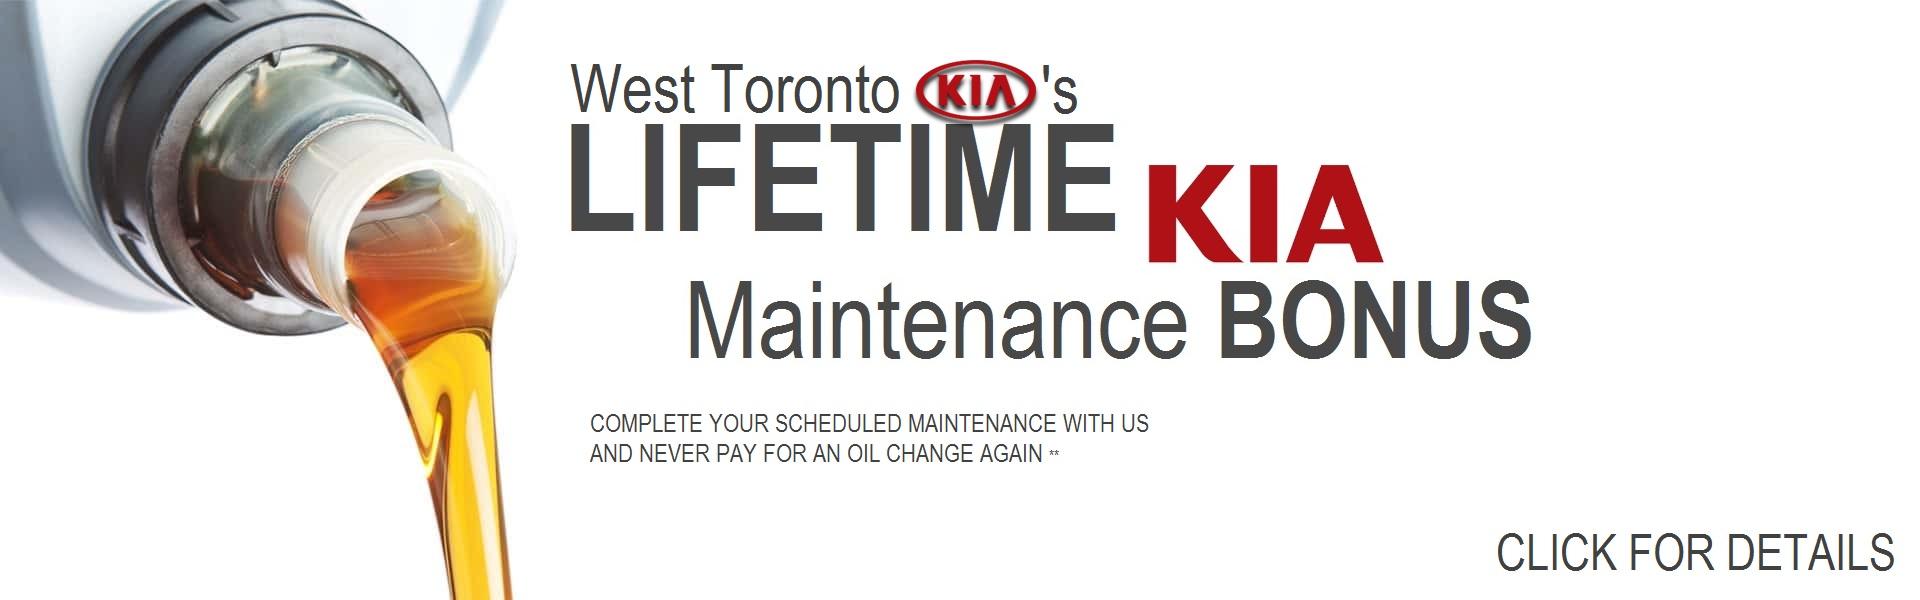 Lifetime Kia Maintenance